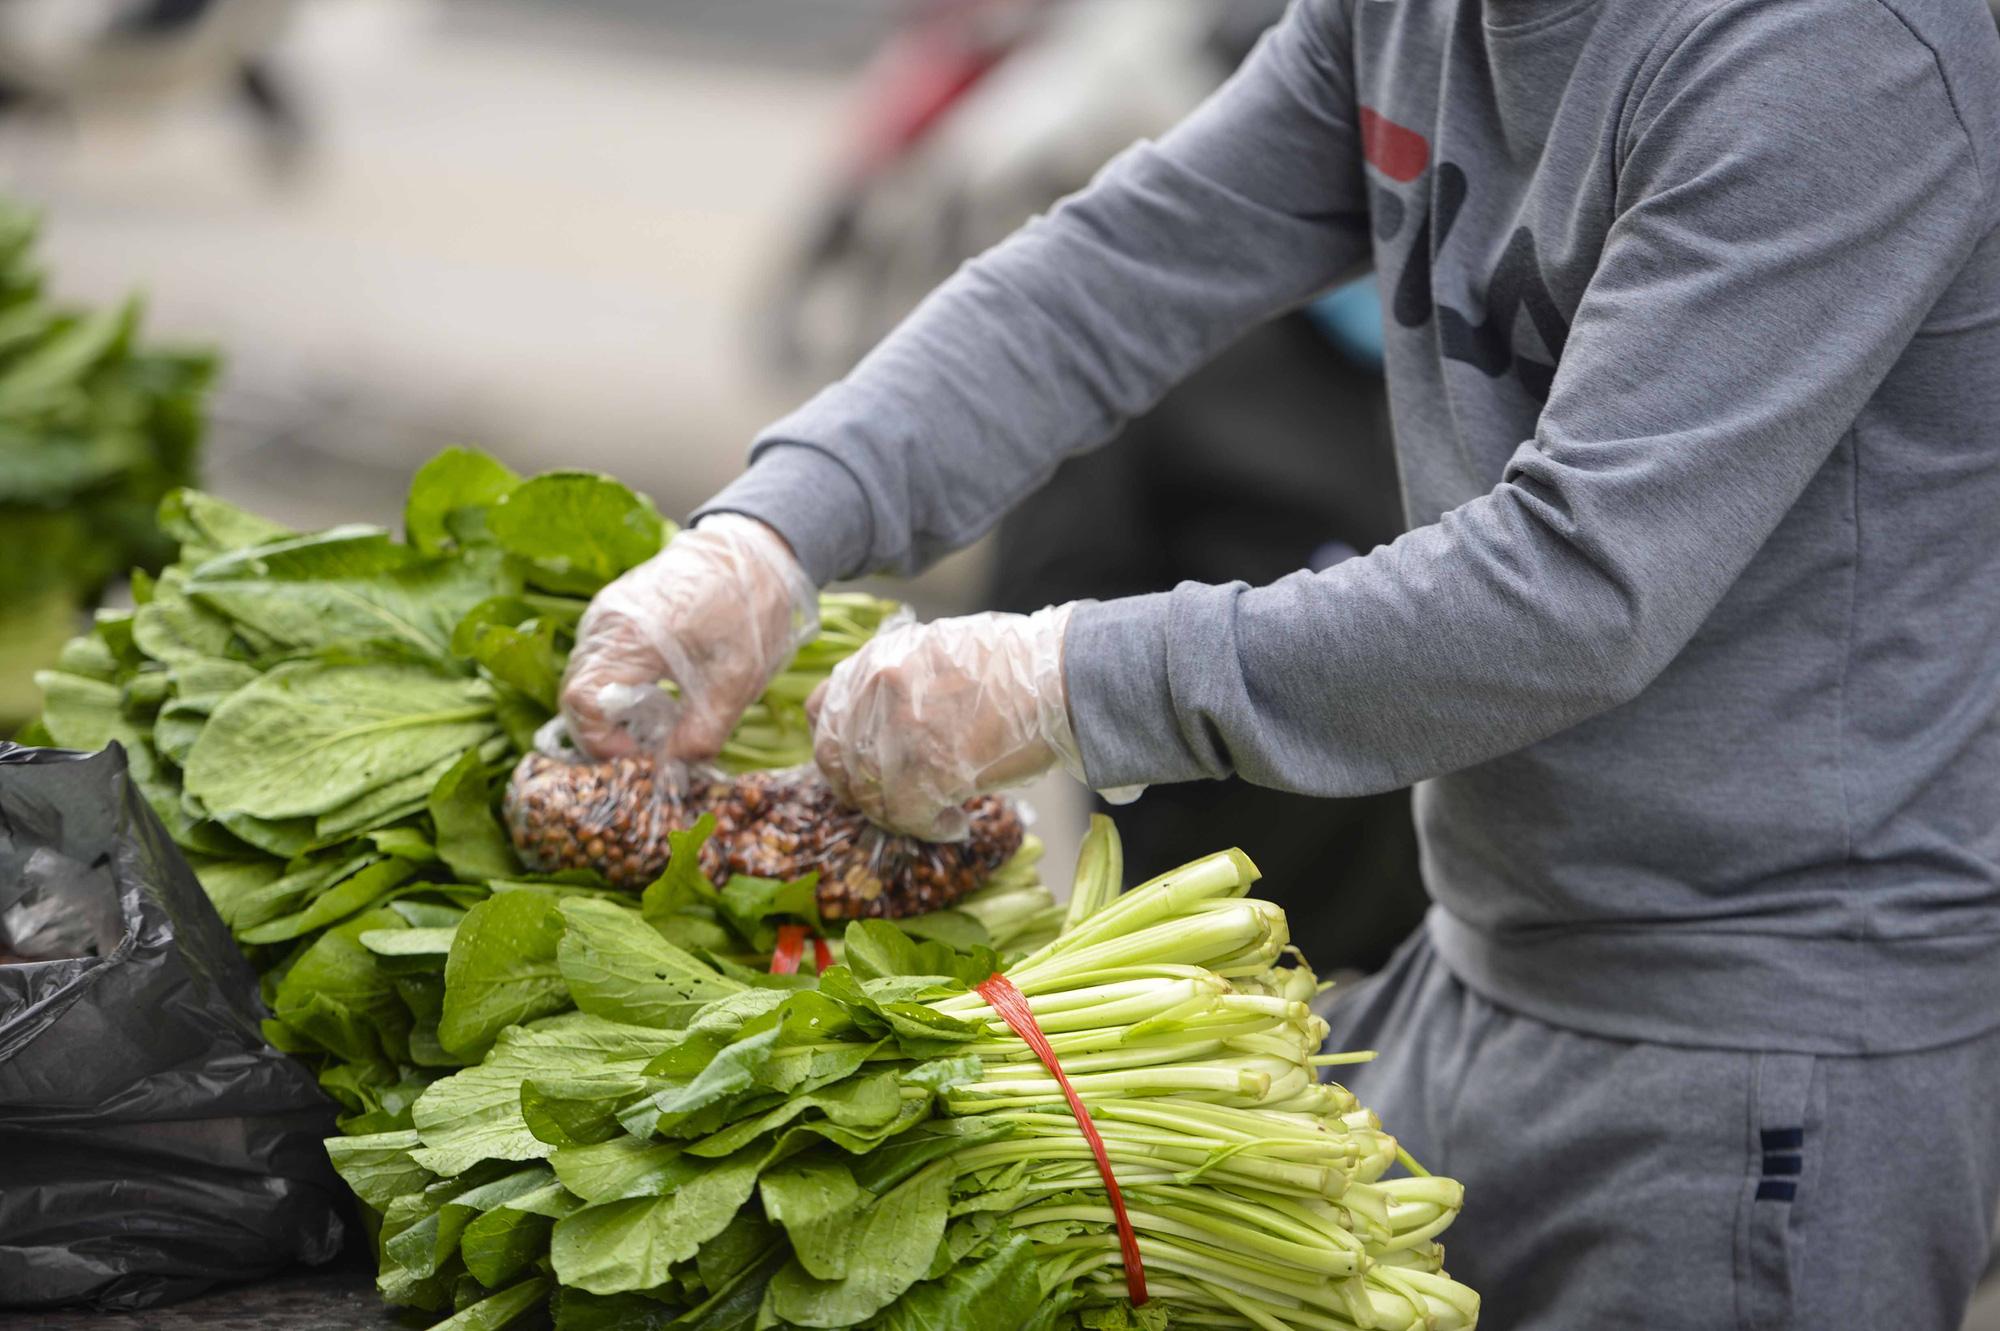 [Ảnh] Tiếp tế 350kg rau cho khu chung cư gần 1.000 dân cách ly ở Hà Nội-10